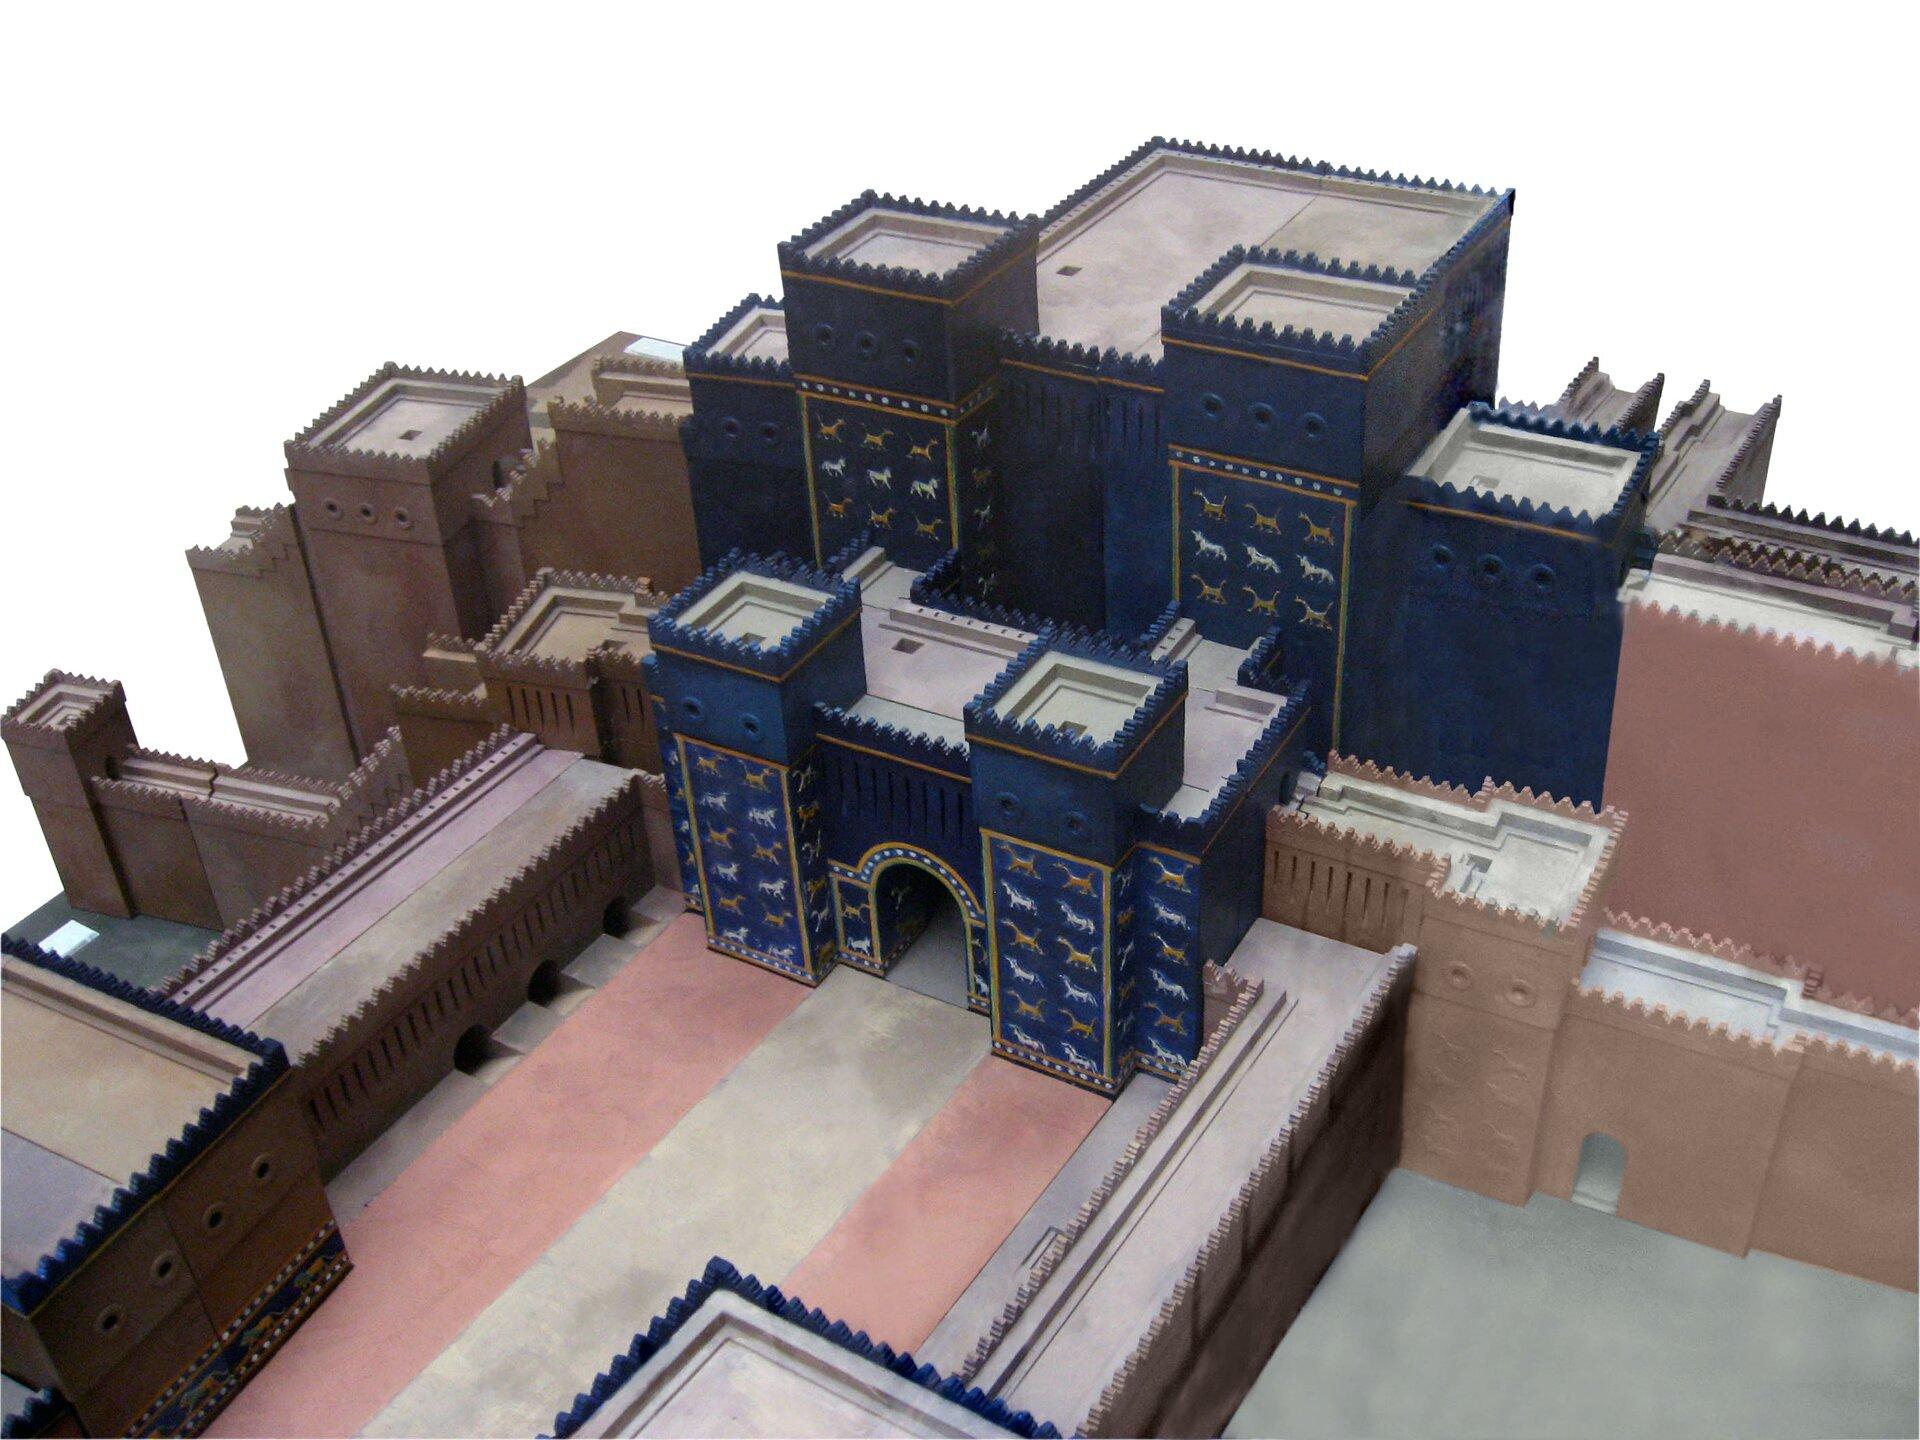 Diorama przedstawiająca Bramę Isztar – model wMuzeum Pergamońskim wBerlinie Diorama przedstawiająca Bramę Isztar – model wMuzeum Pergamońskim wBerlinie Źródło: domena publiczna.